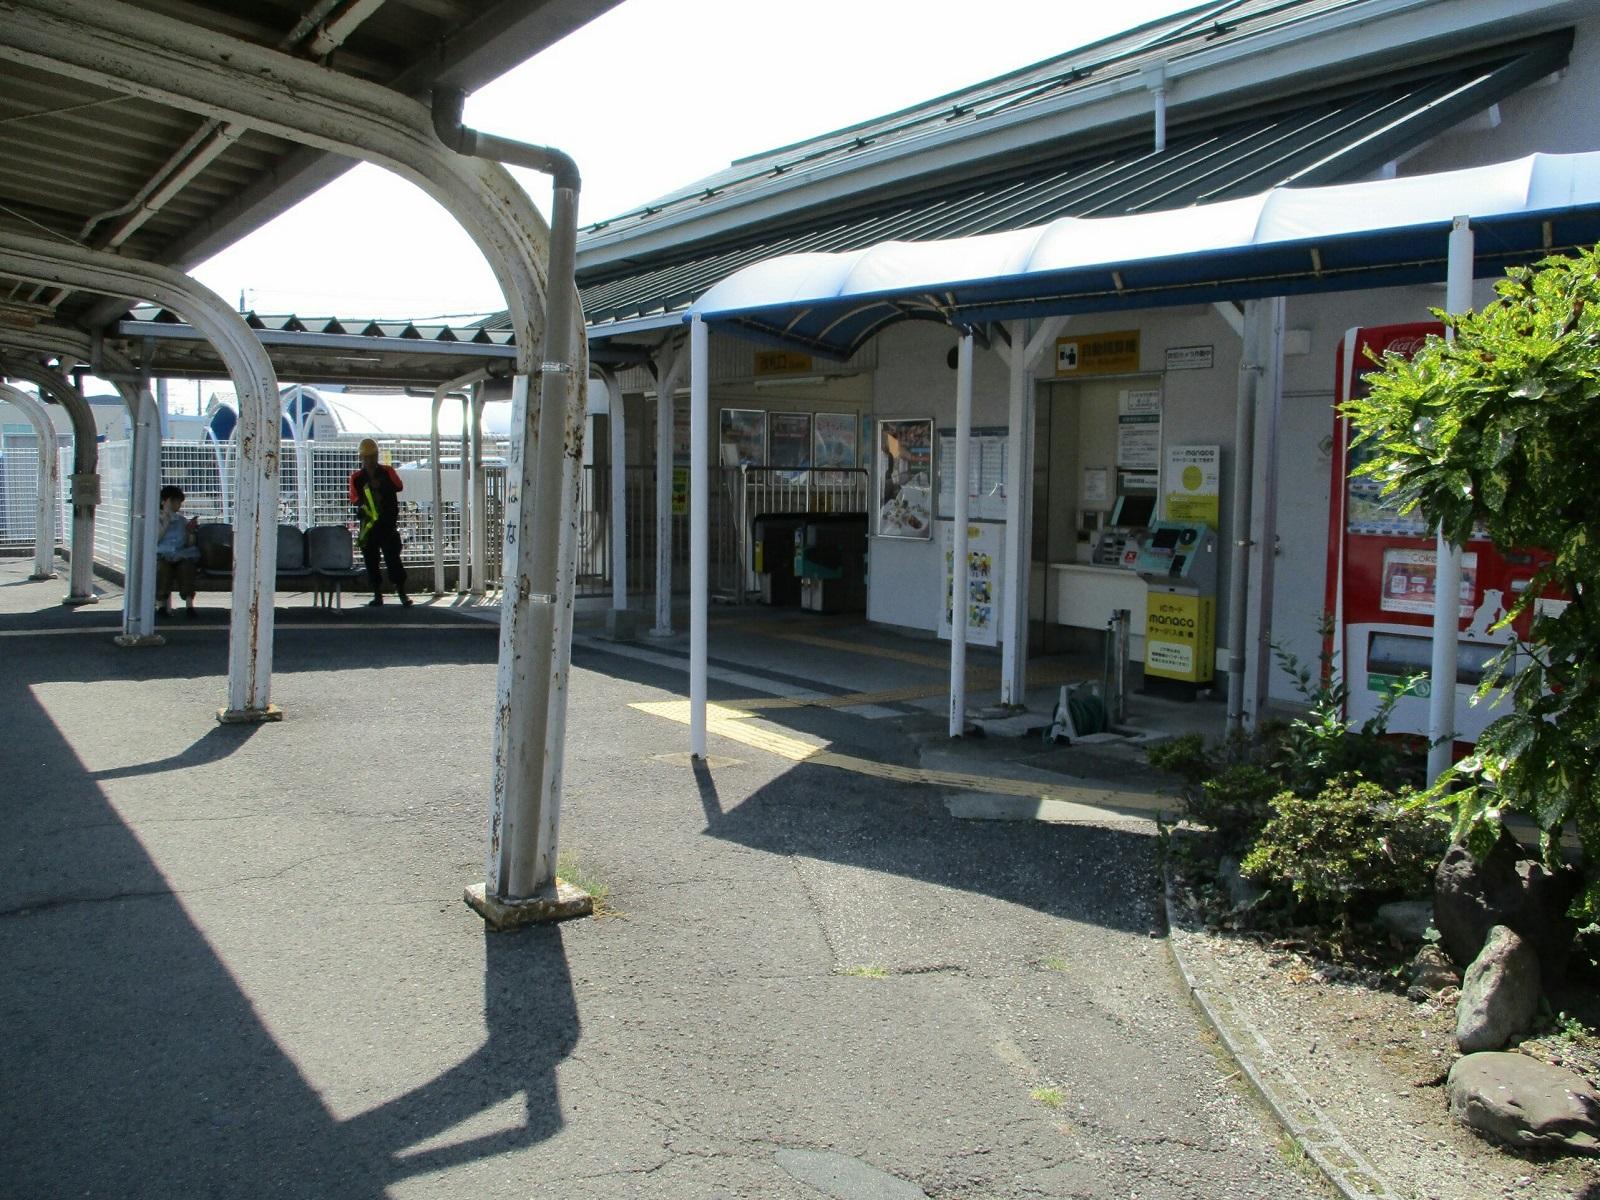 2018.7.18 (51) 竹鼻 - 駅舎(なかから) 1600-1200